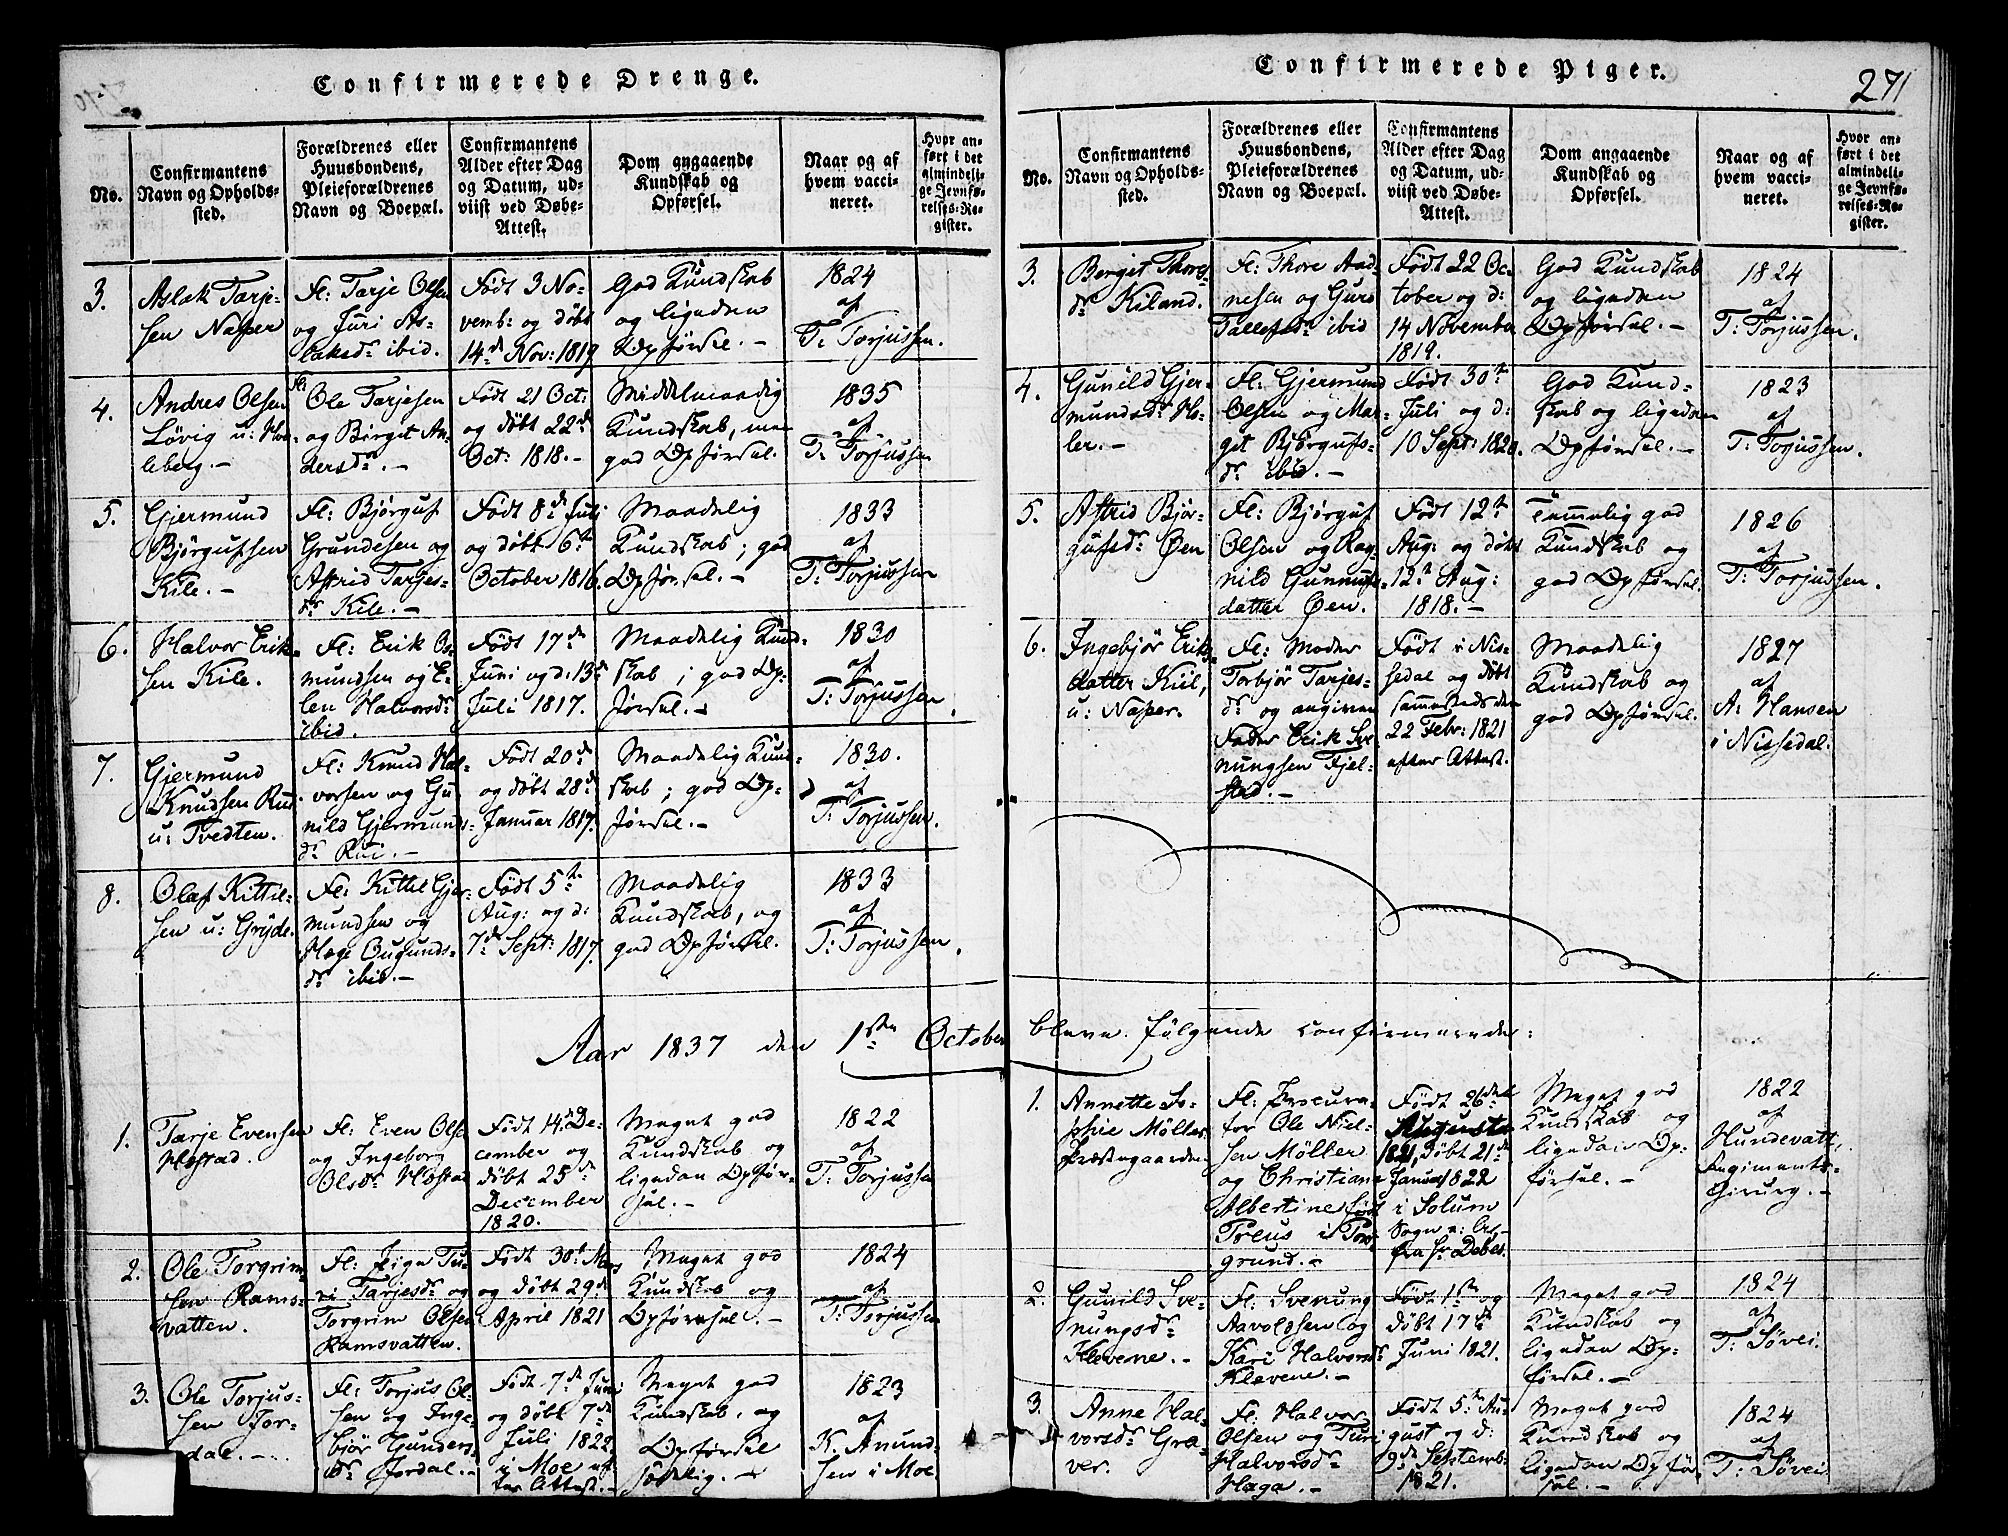 SAKO, Fyresdal kirkebøker, F/Fa/L0003: Ministerialbok nr. I 3, 1815-1840, s. 271